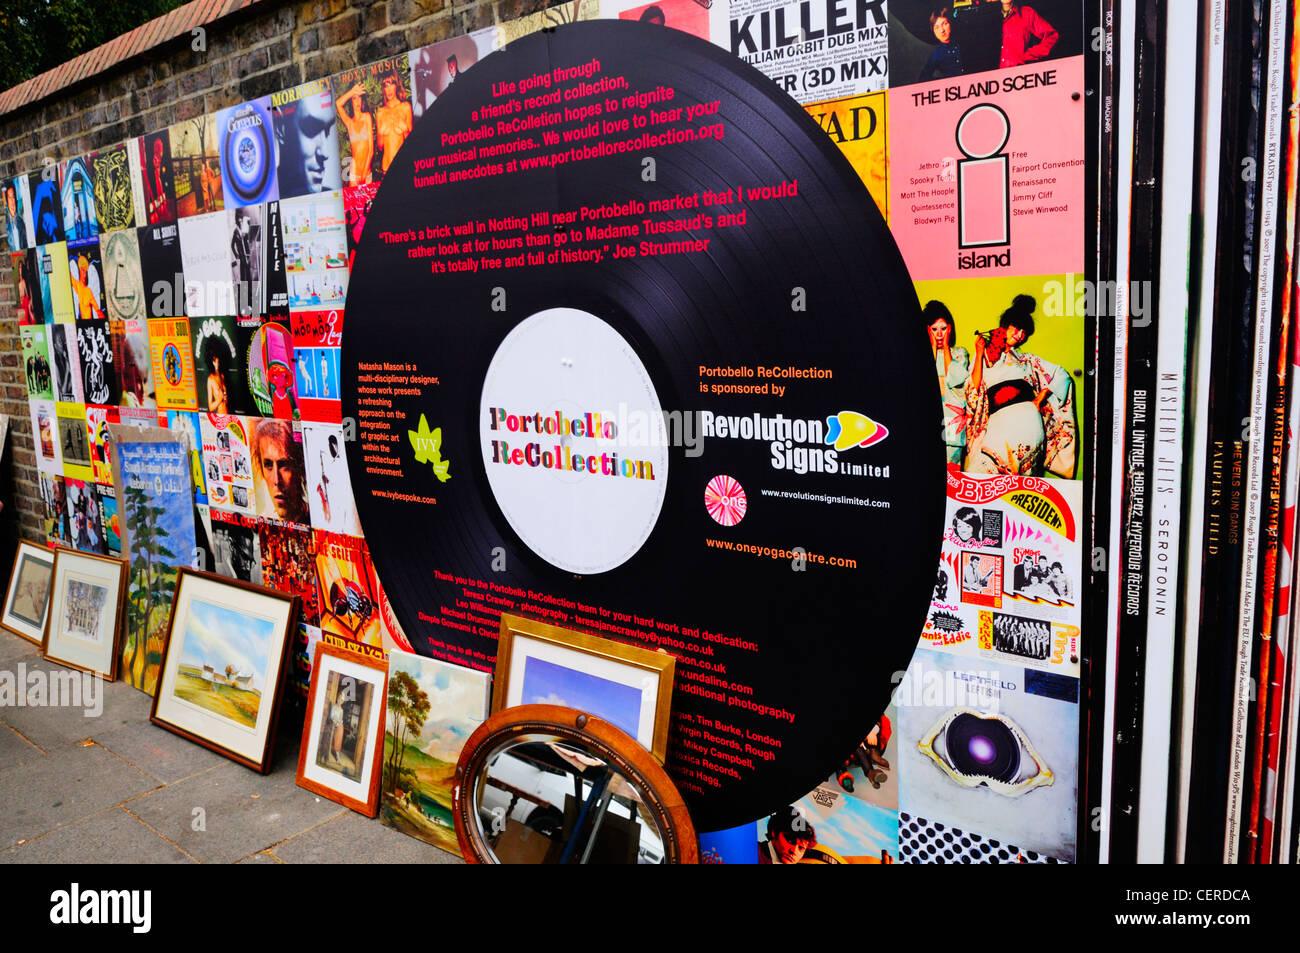 Portobello ReCollection wall decorated as classic vinyl record album covers in Portobello Road. - Stock Image